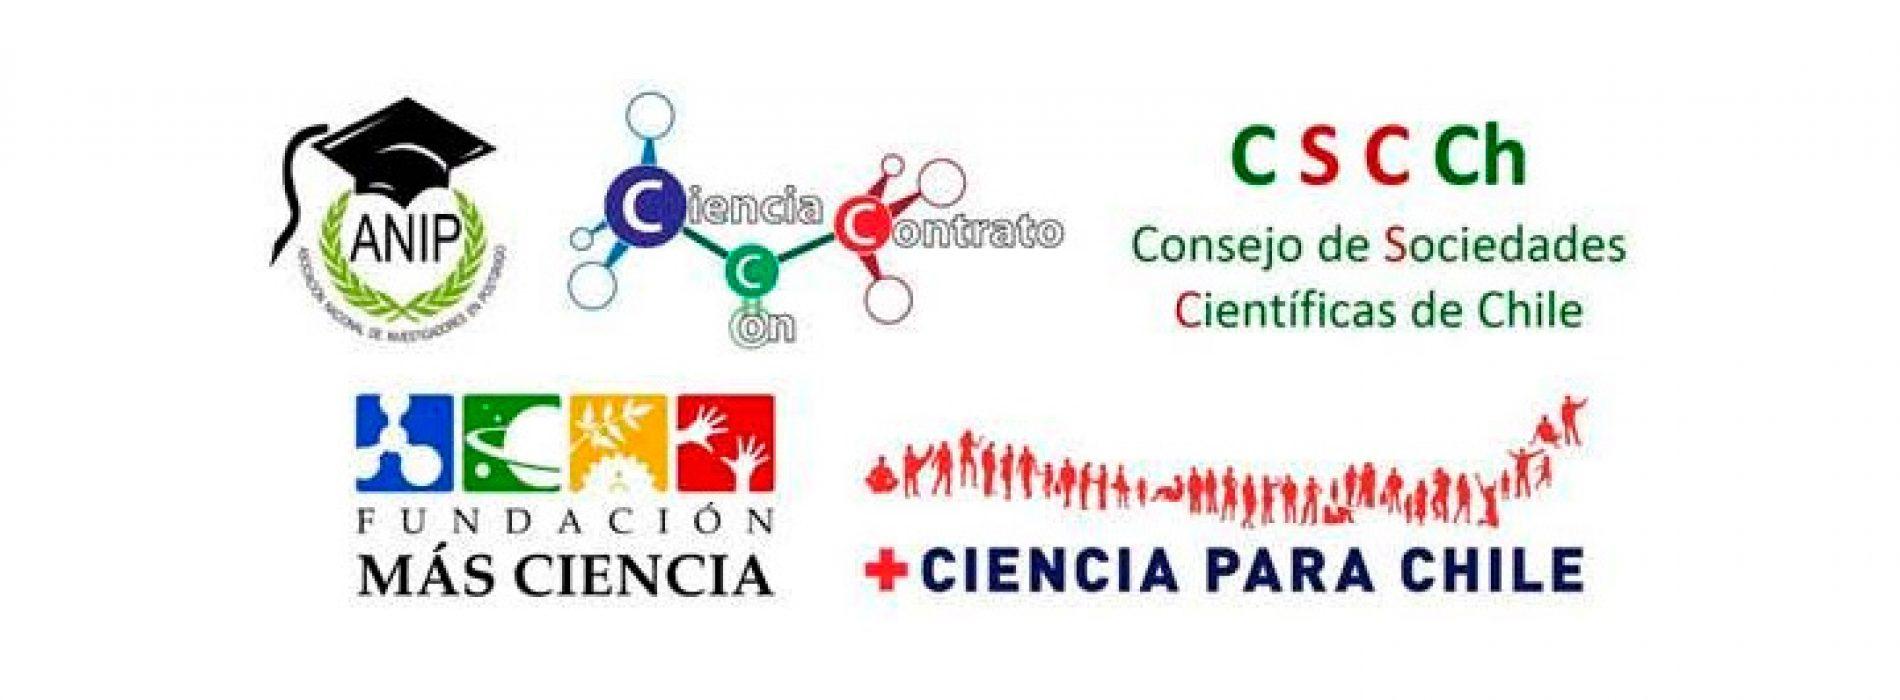 Investigadores Nacionales invitan a La ciudadanía a Pensar Chile